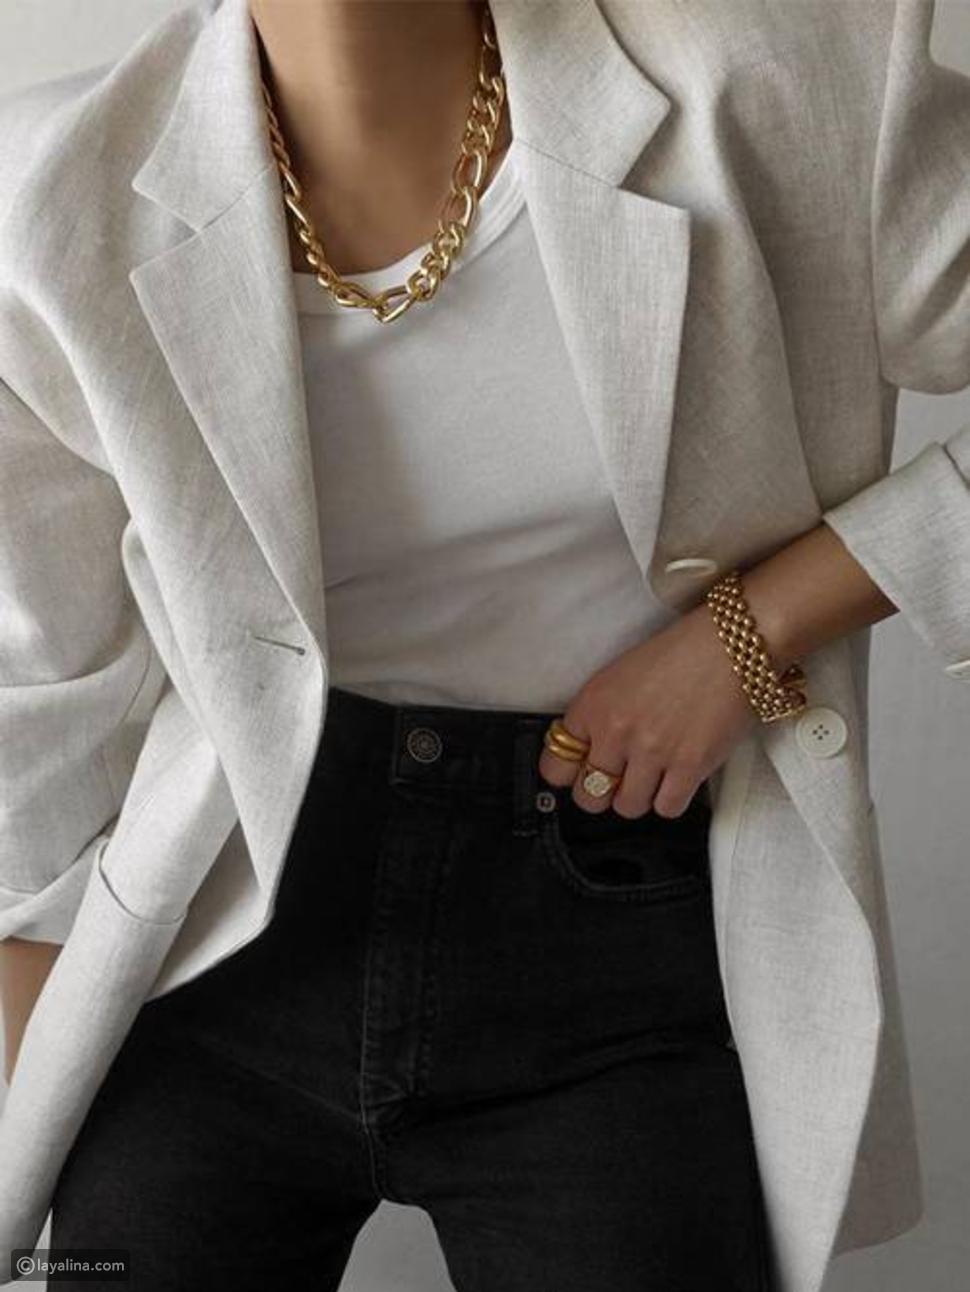 سلاسل ذهبية مكتنزة Bold Chain Necklaces